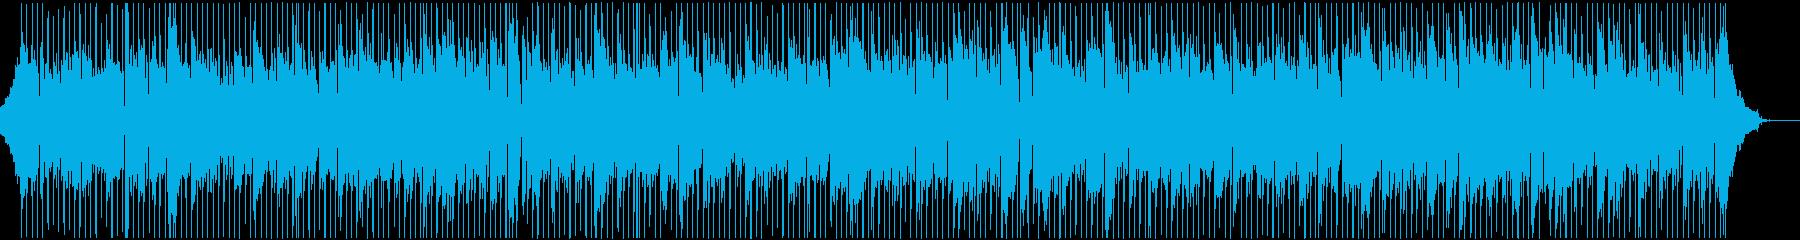 爽やかで明るいアップテンポ楽曲、弦なし版の再生済みの波形